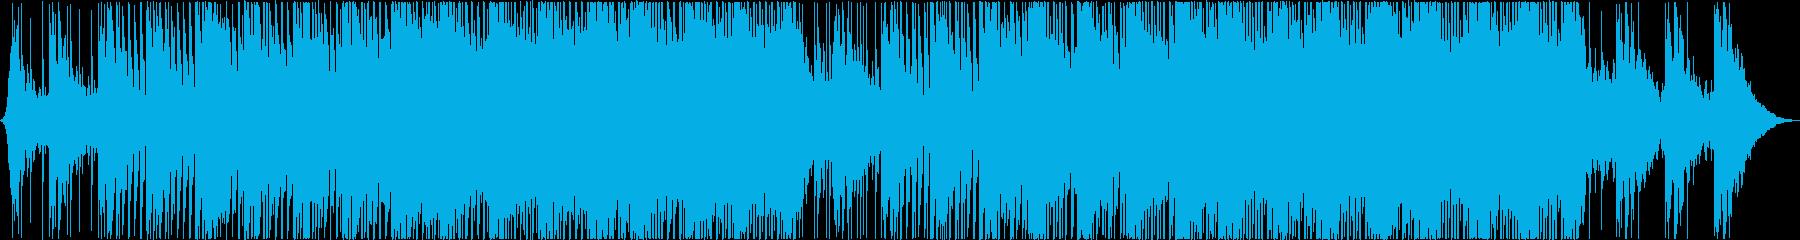 House trackの再生済みの波形